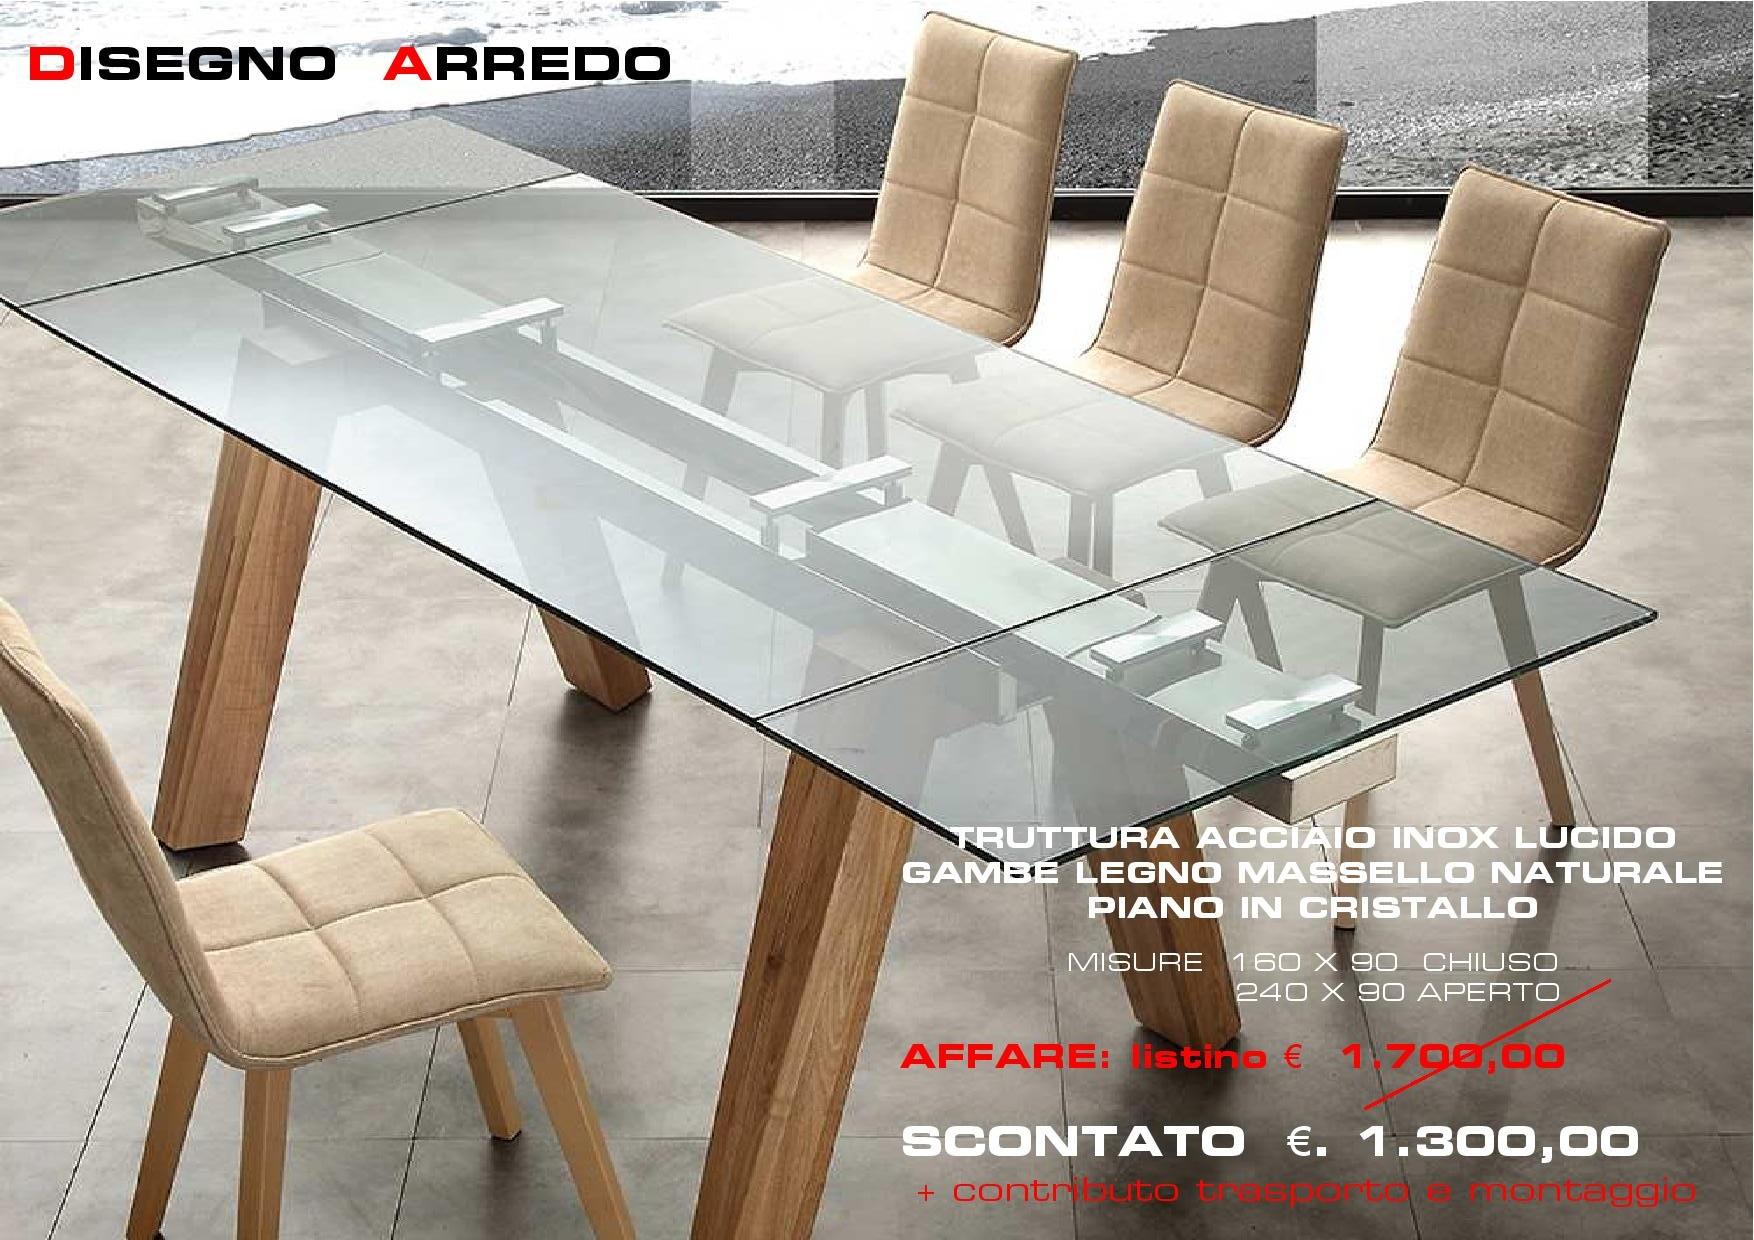 tavolo caronte offerta disegno arredo ventimiglia disegno arredo ventimiglia. Black Bedroom Furniture Sets. Home Design Ideas